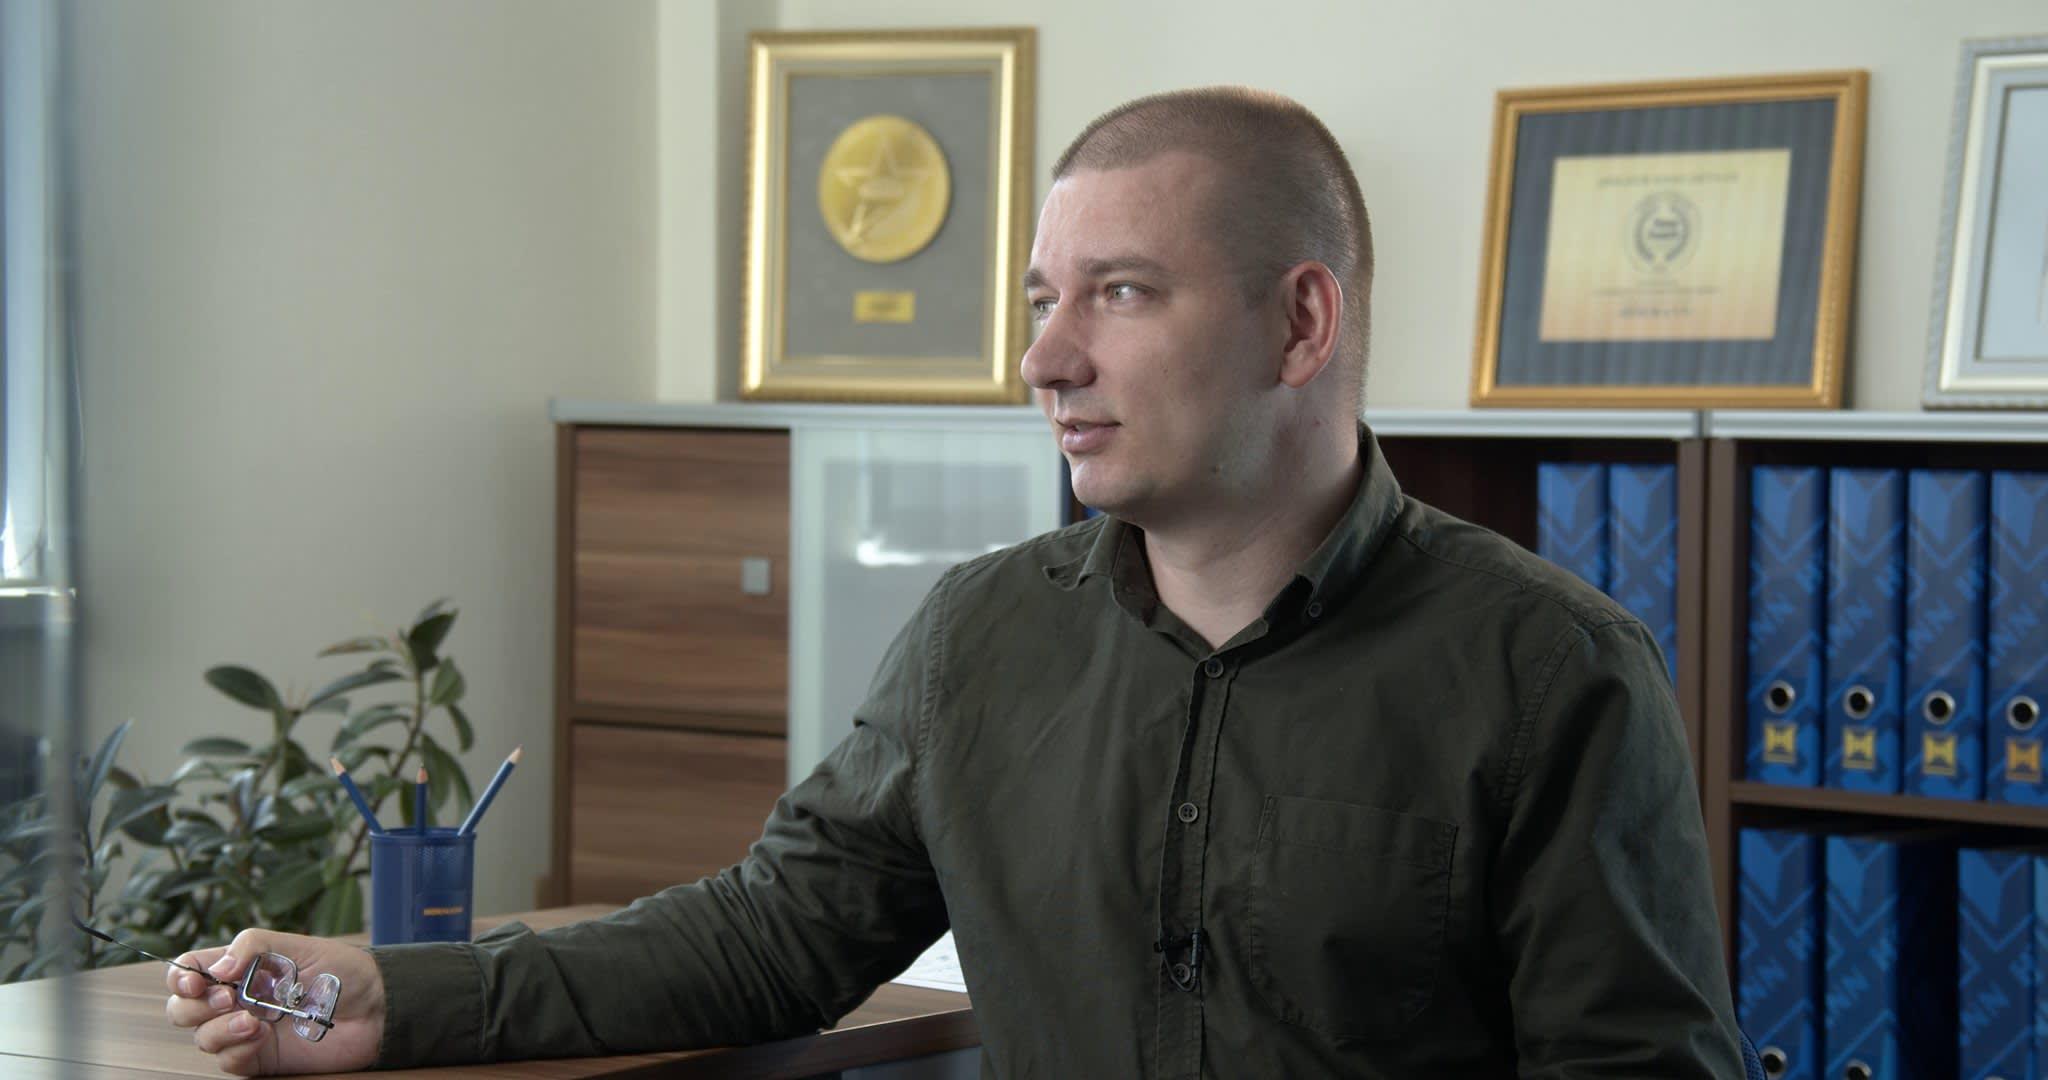 Дмитрий Бартошевич на встрече с клиентом